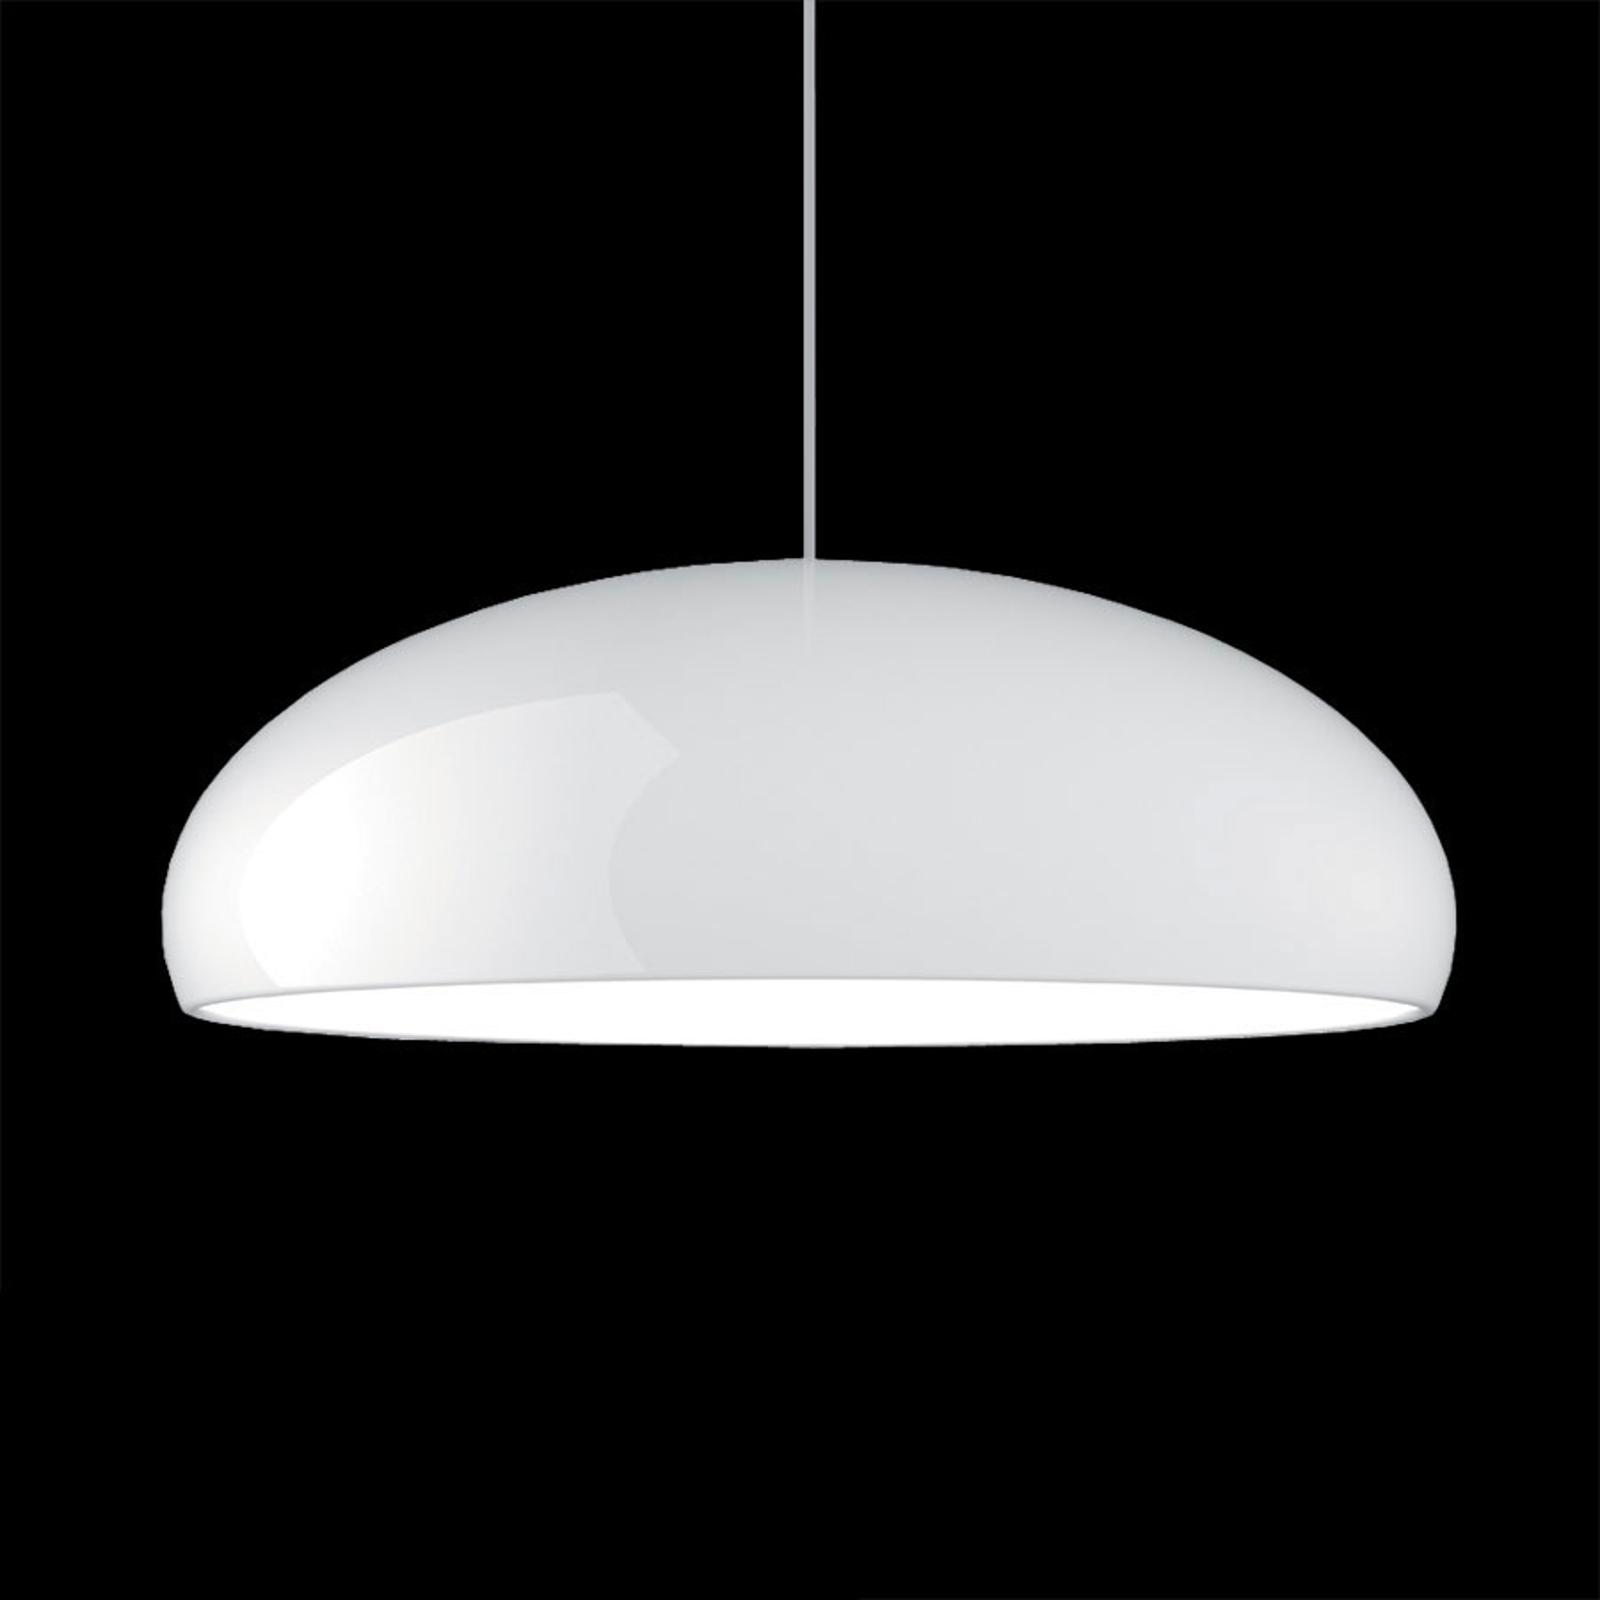 Lampa wisząca PANGEN w stylu retro, biała